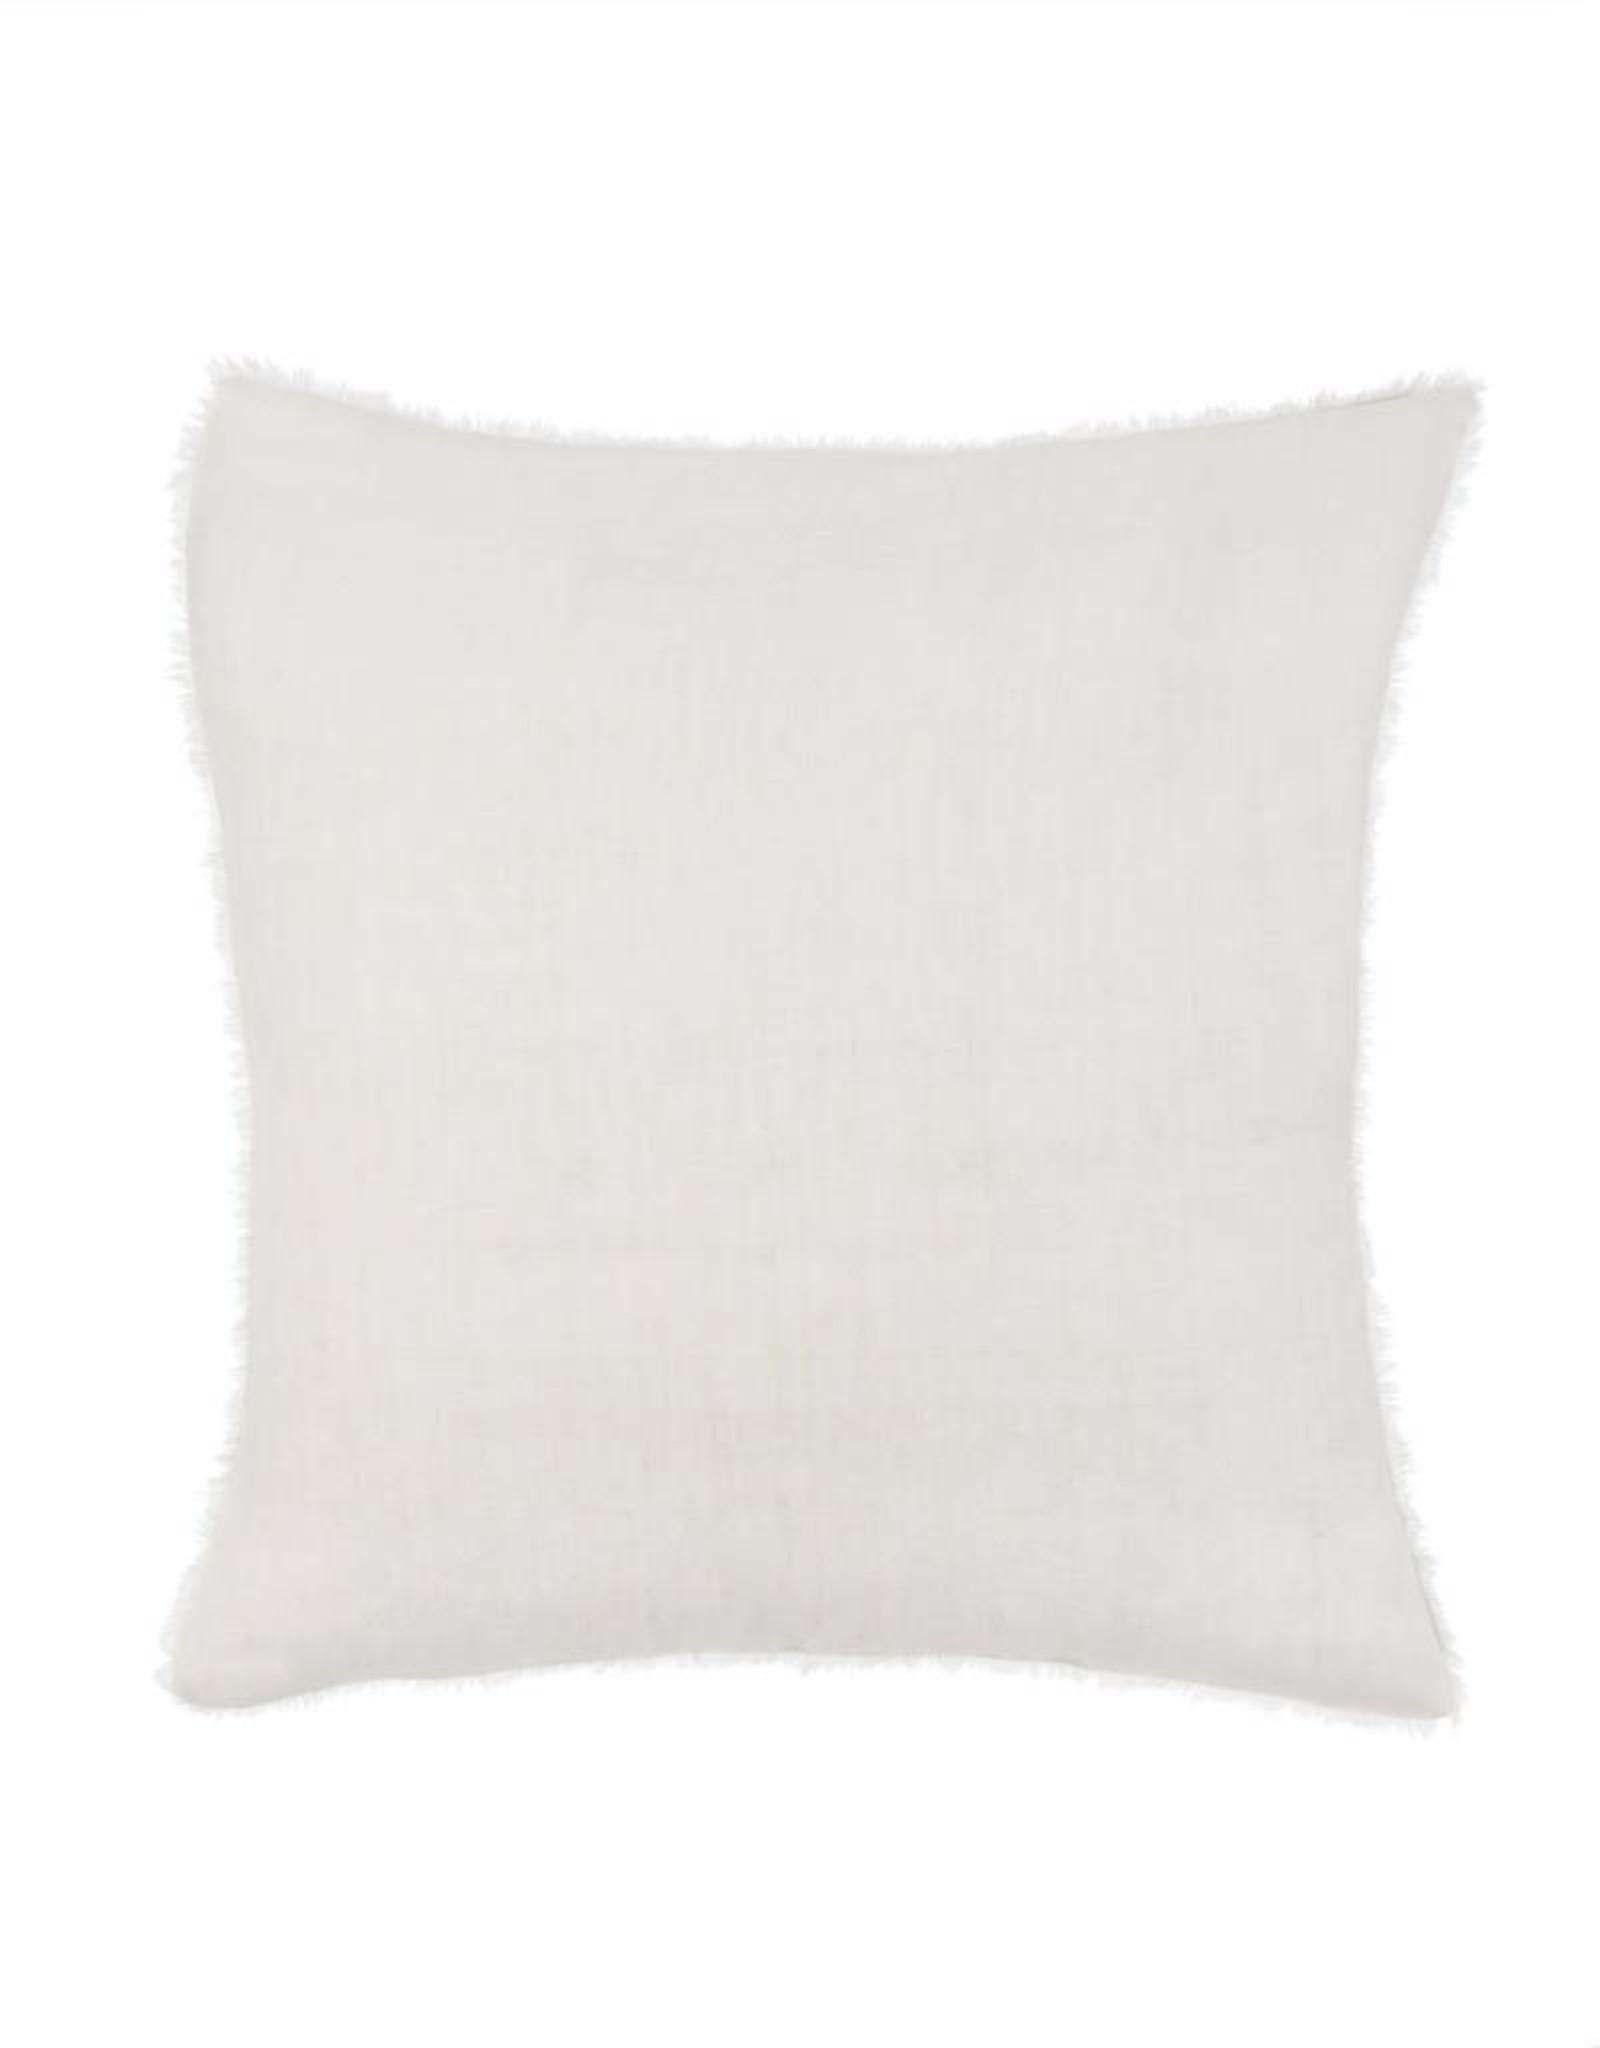 Indaba Lina Linen Pillow - Natural